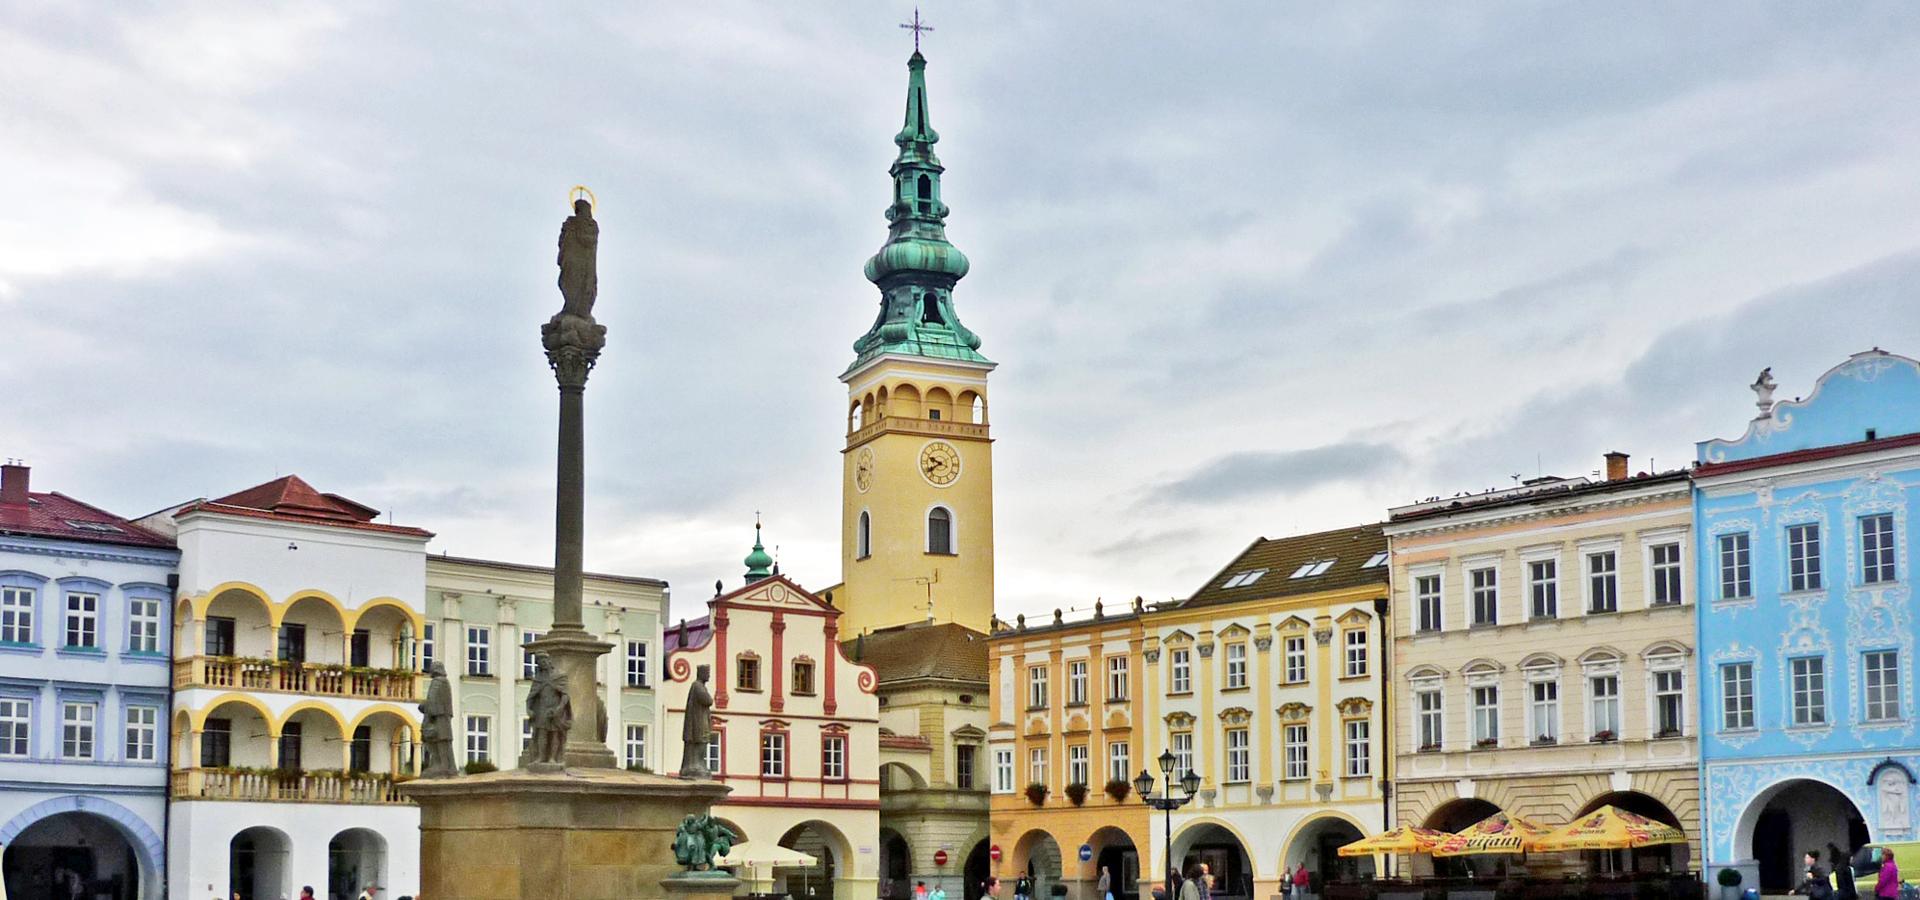 <b>Europe/Prague/Novy_Jicin_District/Novy_Jicin</b>